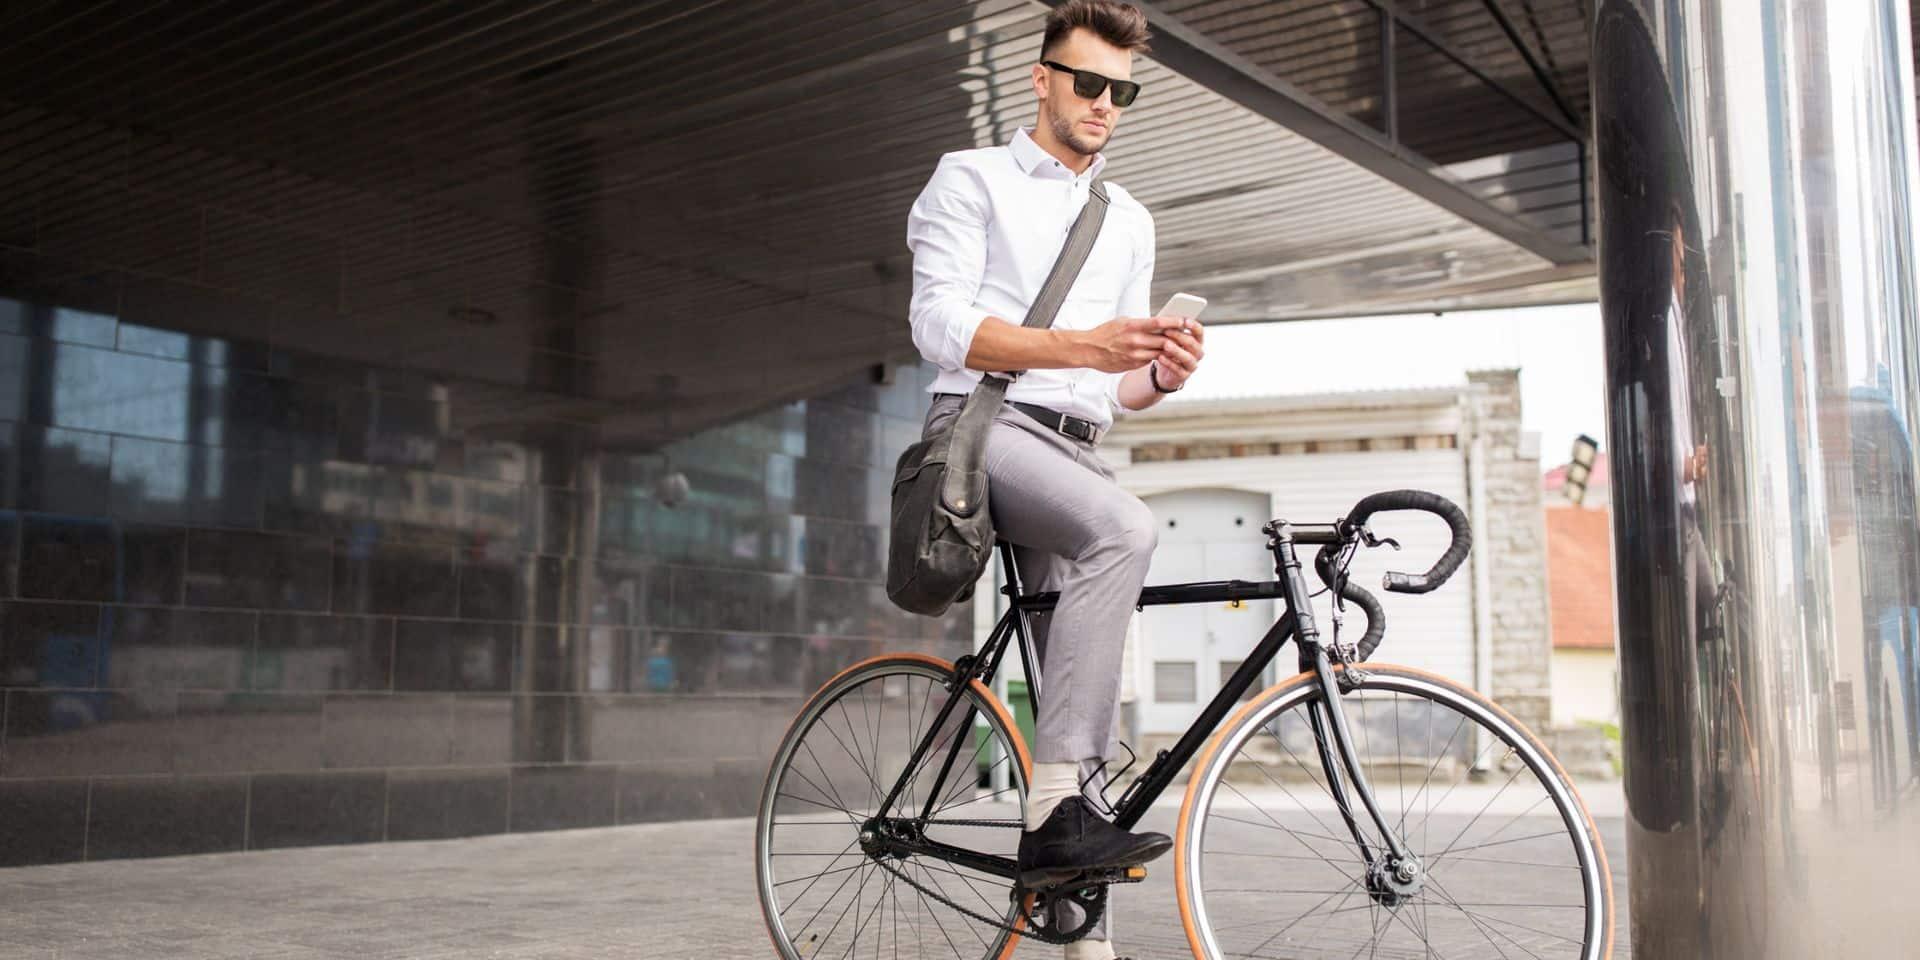 L'utilisation du GSM à vélo de plus en plus verbalisée